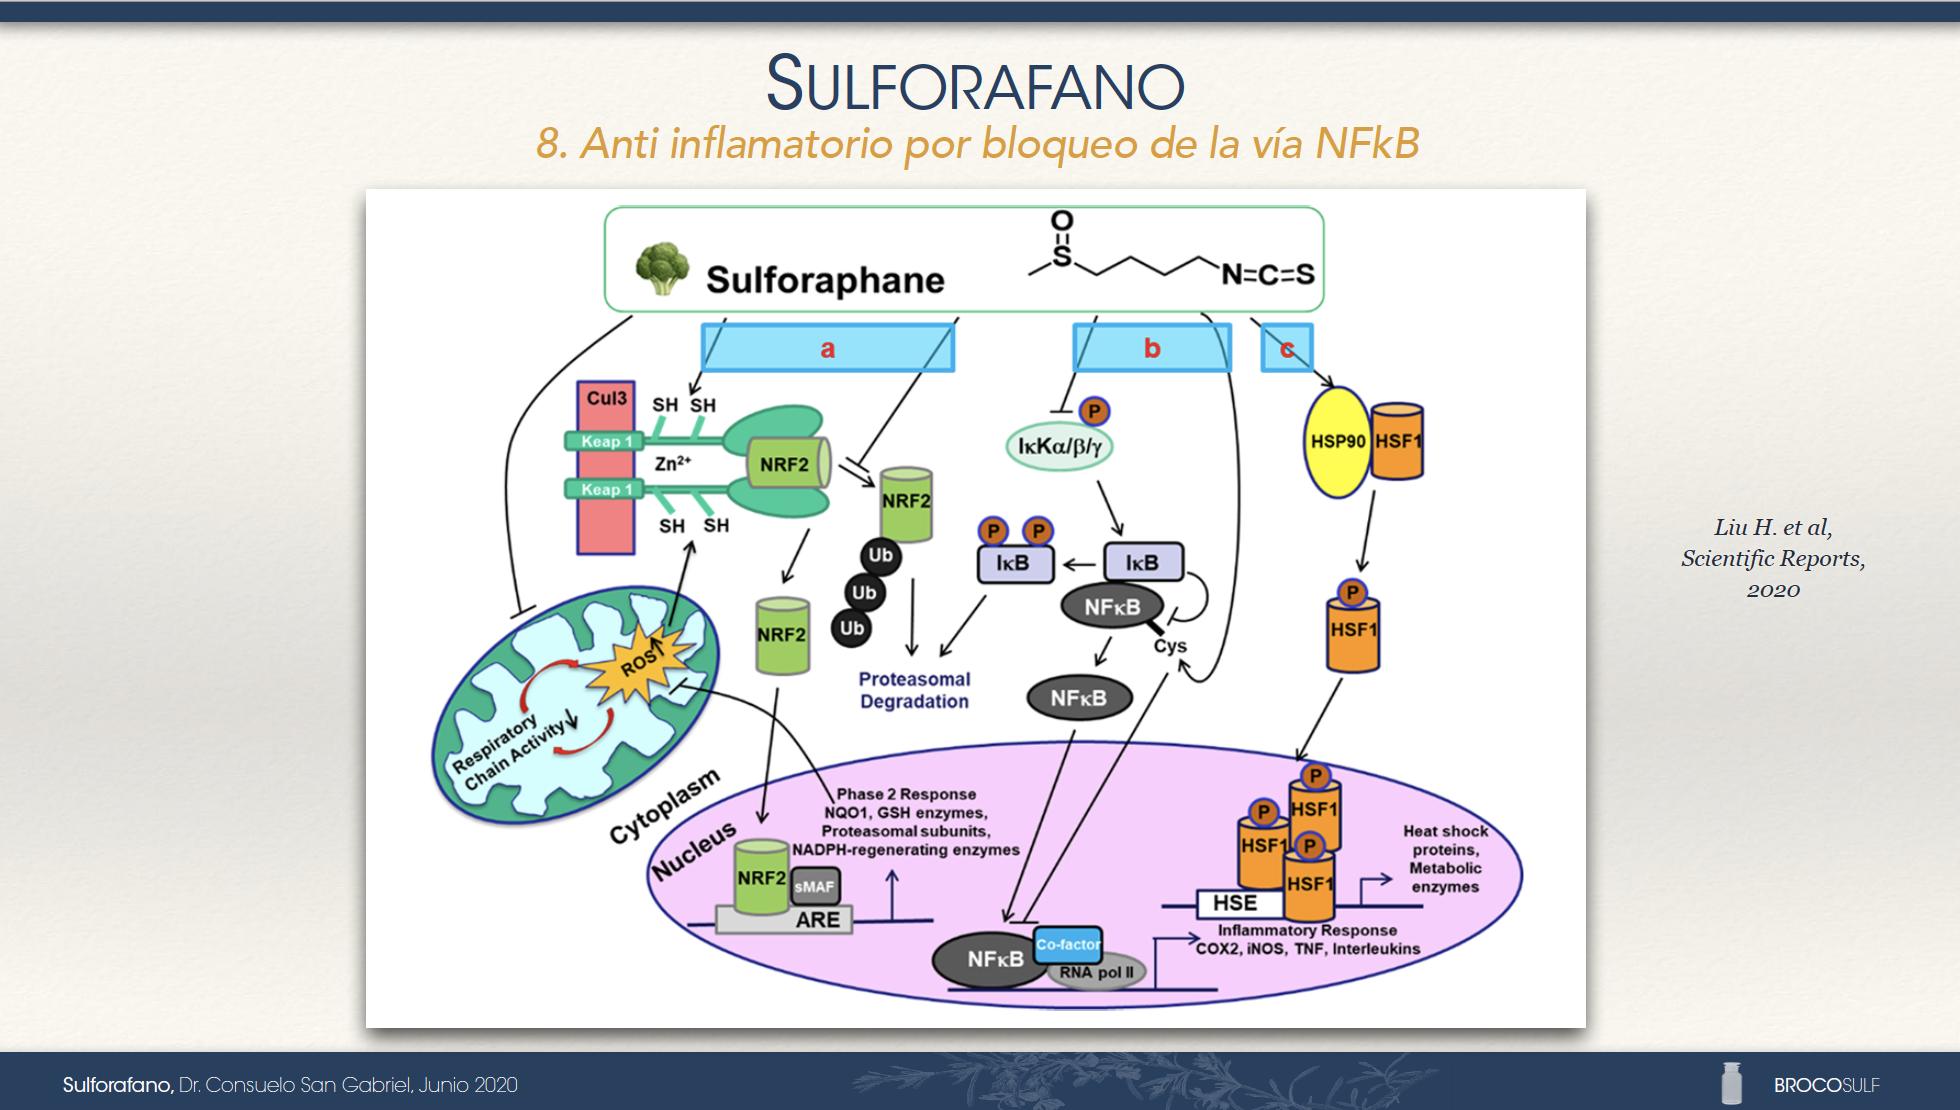 8. Anti inflamatorio por bloqueo de la vía NFkB